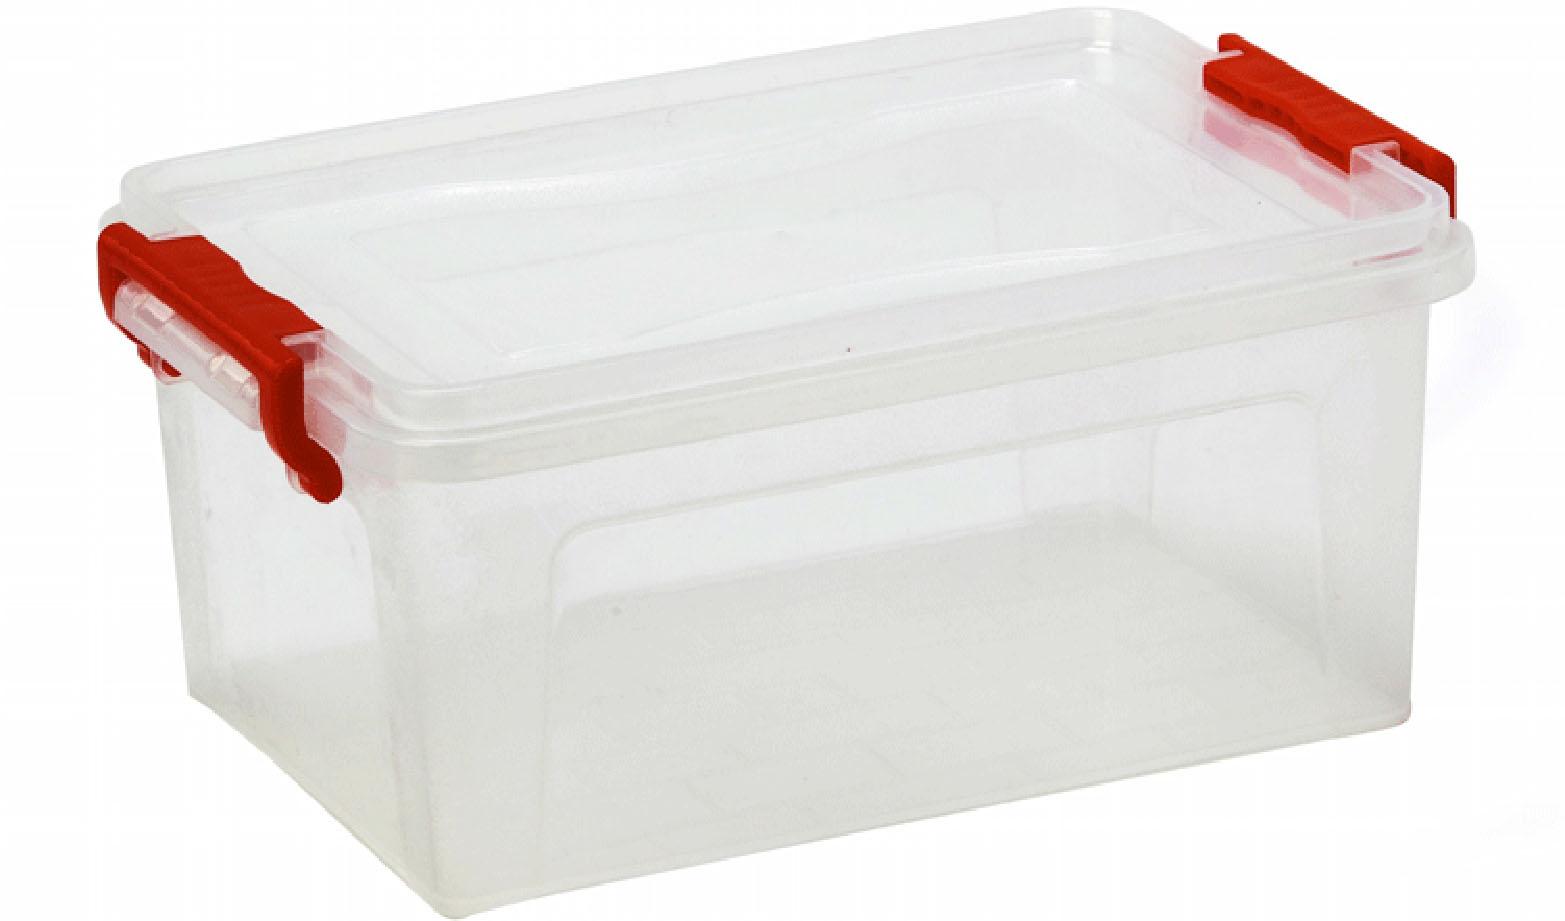 """Контейнер для хранения Idea """"Микс"""" выполнен из  высококачественного пластика. Контейнер снабжен двумя  пластиковыми фиксаторами по бокам, придающими  дополнительную надежность закрывания крышки.  Вместительный контейнер позволит сохранить различные  нужные вещи в порядке, а герметичная крышка  предотвратит случайное открывание, защитит содержимое  от пыли и грязи."""